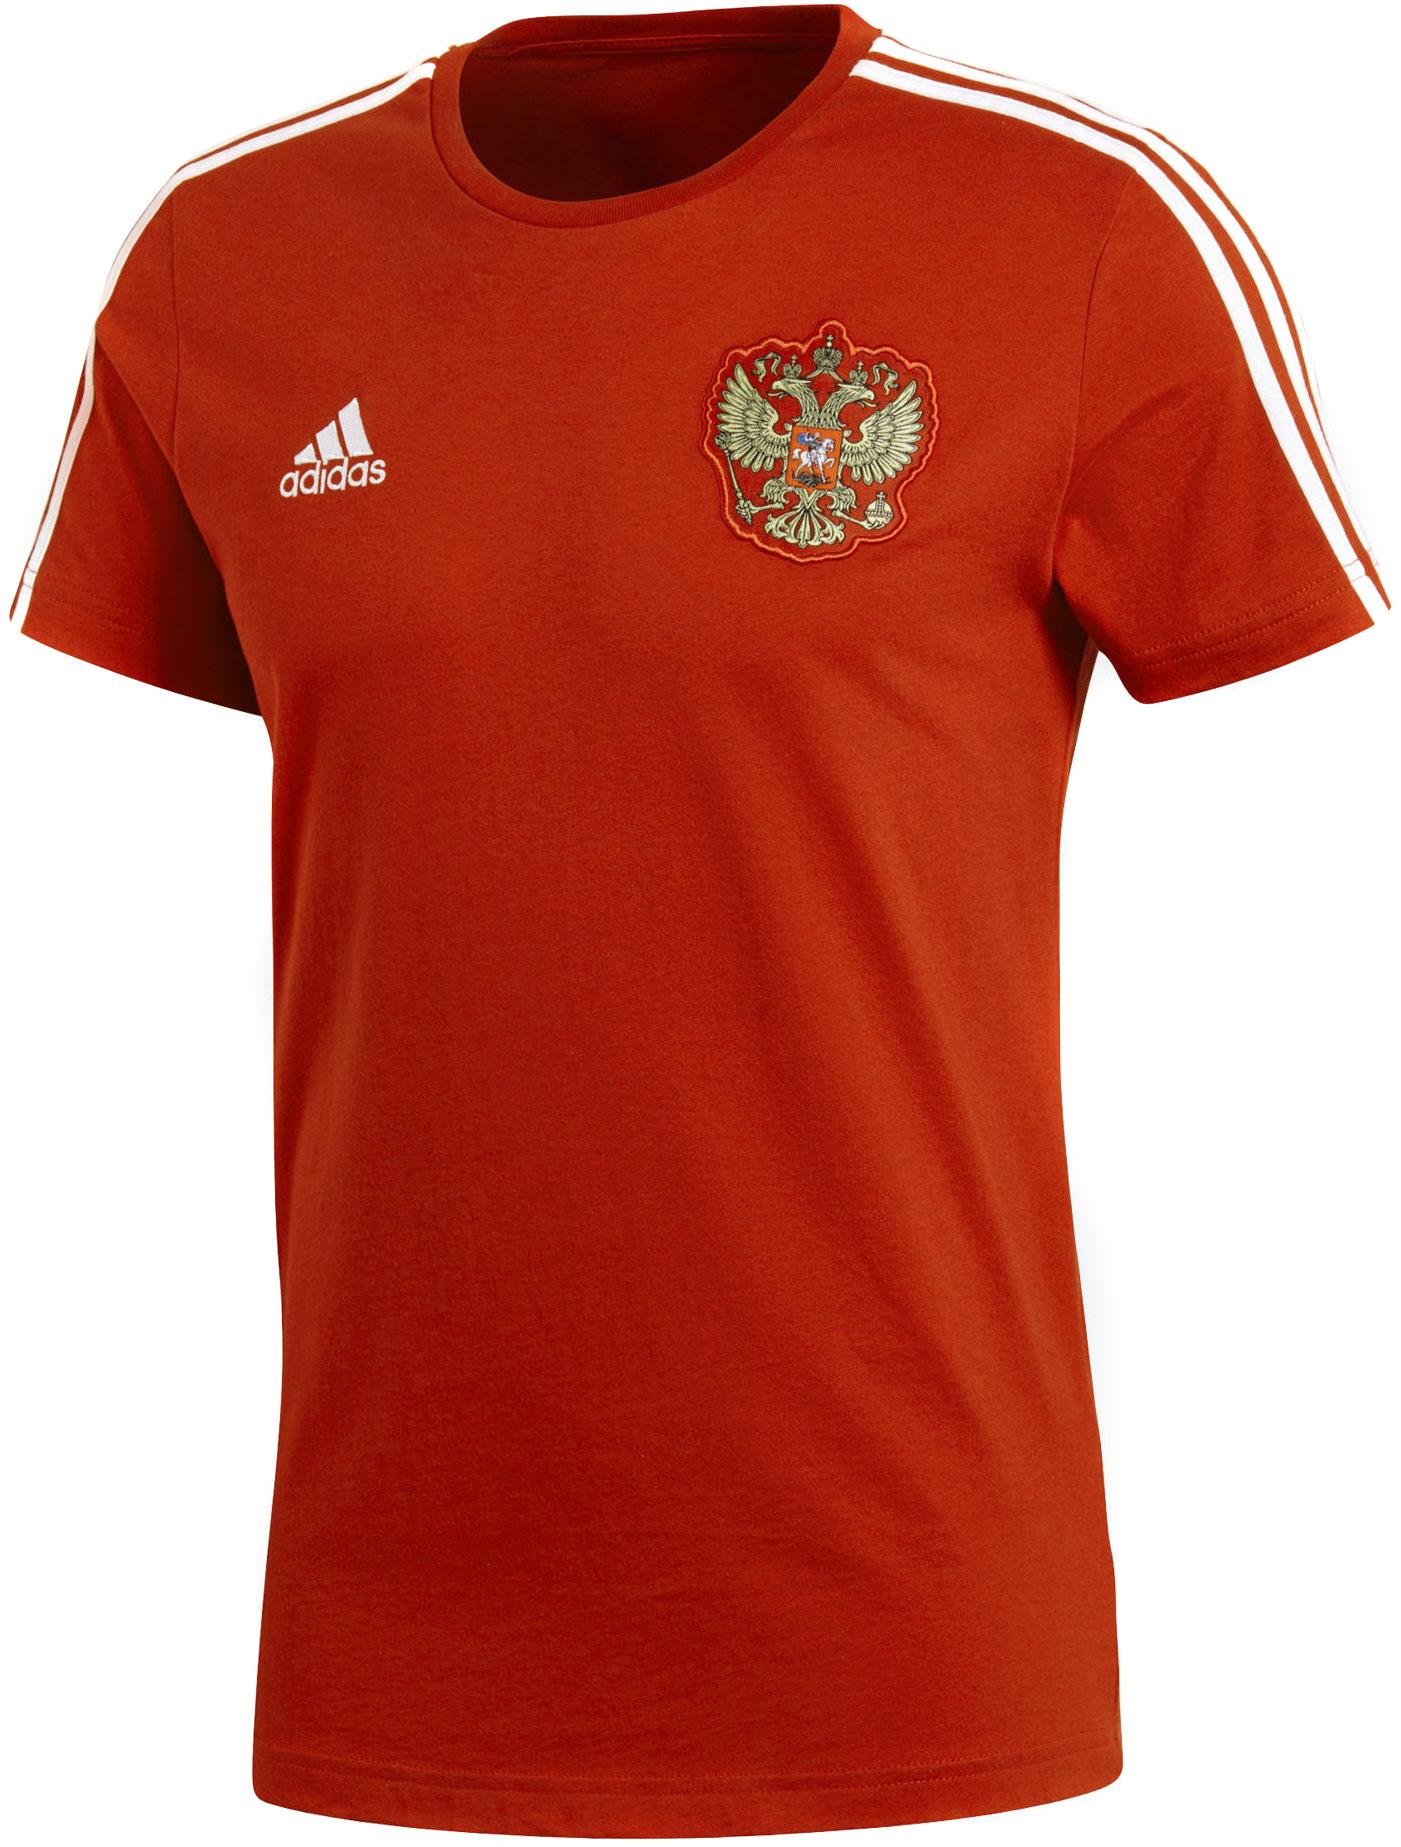 Футболка мужская Adidas Rfu 3s Tee, цвет: красный. CD5275. Размер S (44/46)CD5275Динамичная игра и выверенные по времени голы. Эта мужская футболка создана под вдохновением от неумолимого драйва сборной России по футболу. Рифленый круглый ворот и три полоски на рукавах. Нашивка с эмблемой национальной команды и логотип adidas дополняют образ. Классический крой, более широкий в области корпуса.Рифленый круглый воротВнутренний шов ворота обработан тесьмойГерб России на грудиТри полоски на рукавахЛоготип adidas на грудиМы поддерживаем инициативу Better Cotton по совершенствованию хлопководческих хозяйств по всему мируКлассический крой с более широкой основной частью; прямой силуэт